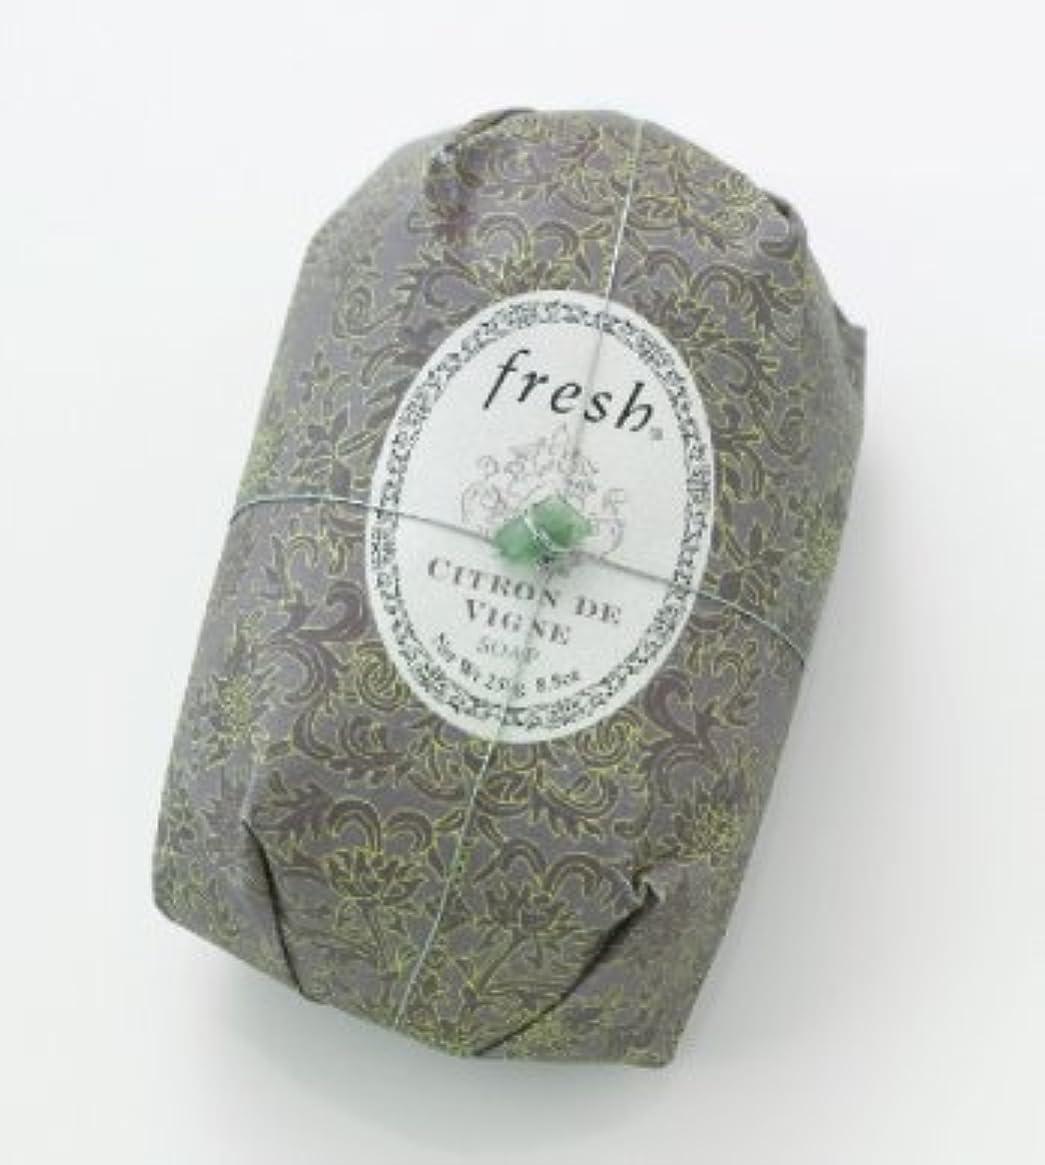 強要識字必要条件Fresh CITRON DE VIGNE SOAP (フレッシュ シトロンデヴァイン ソープ) 8.8 oz (250g) Soap (石鹸) by Fresh